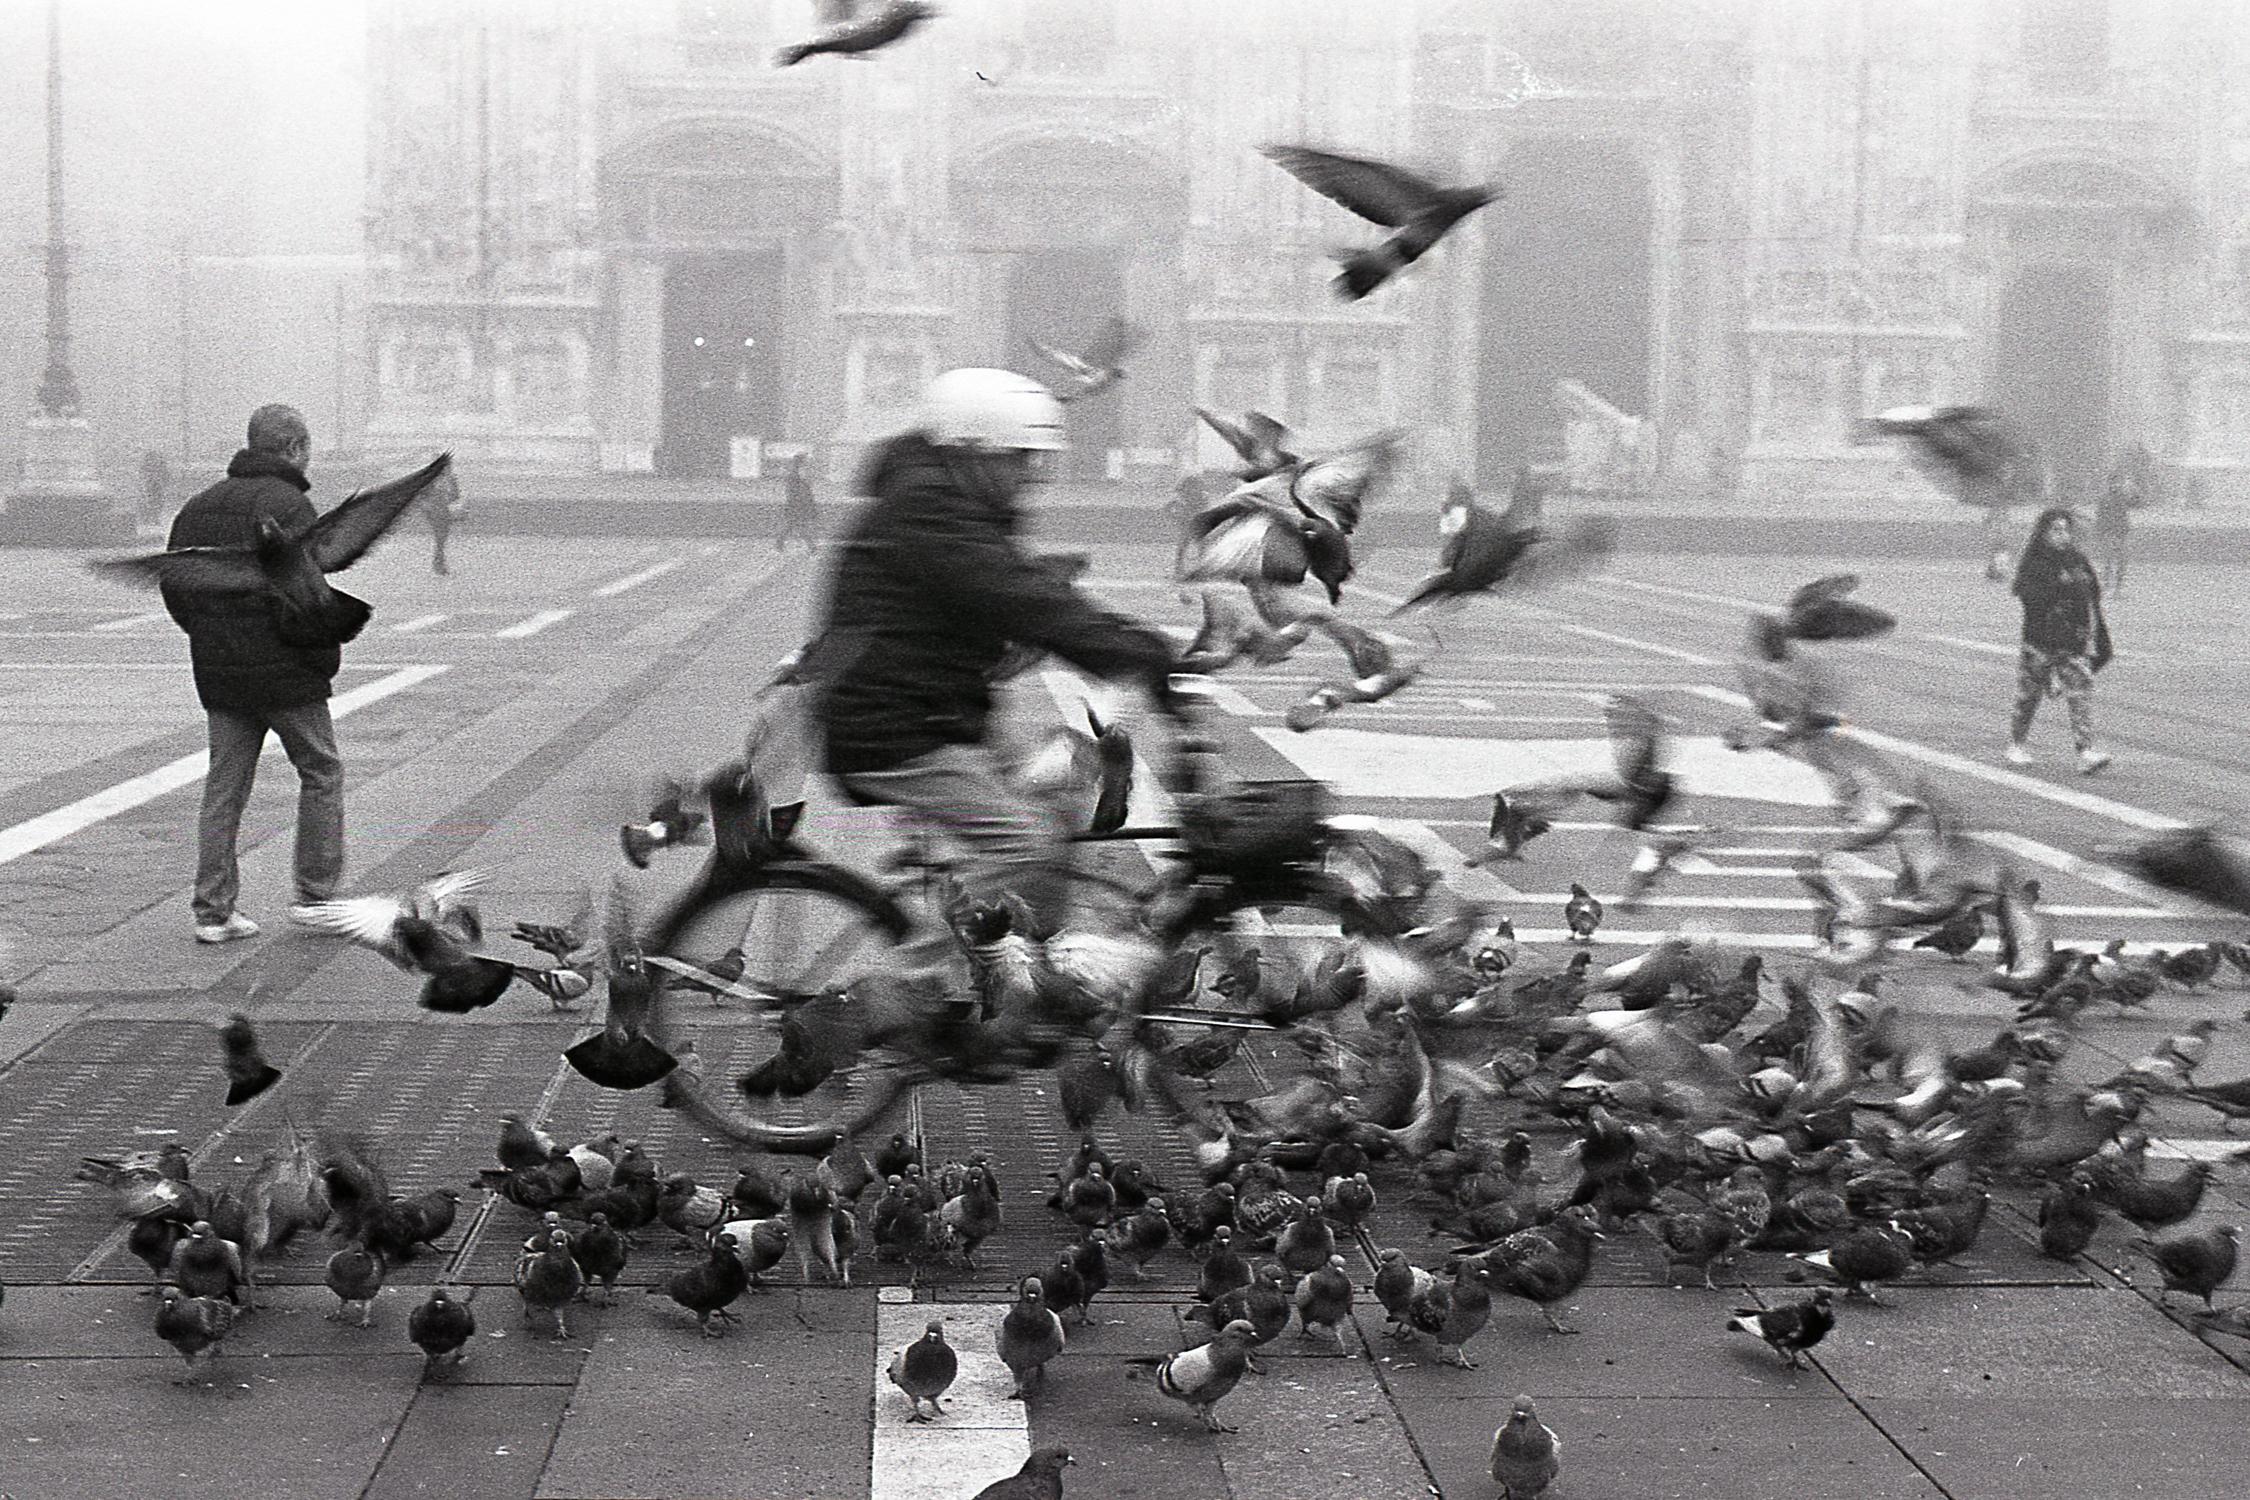 """""""Piazza del Duomo, Milan, Italy"""" by Giovanni Mazzuchelli"""